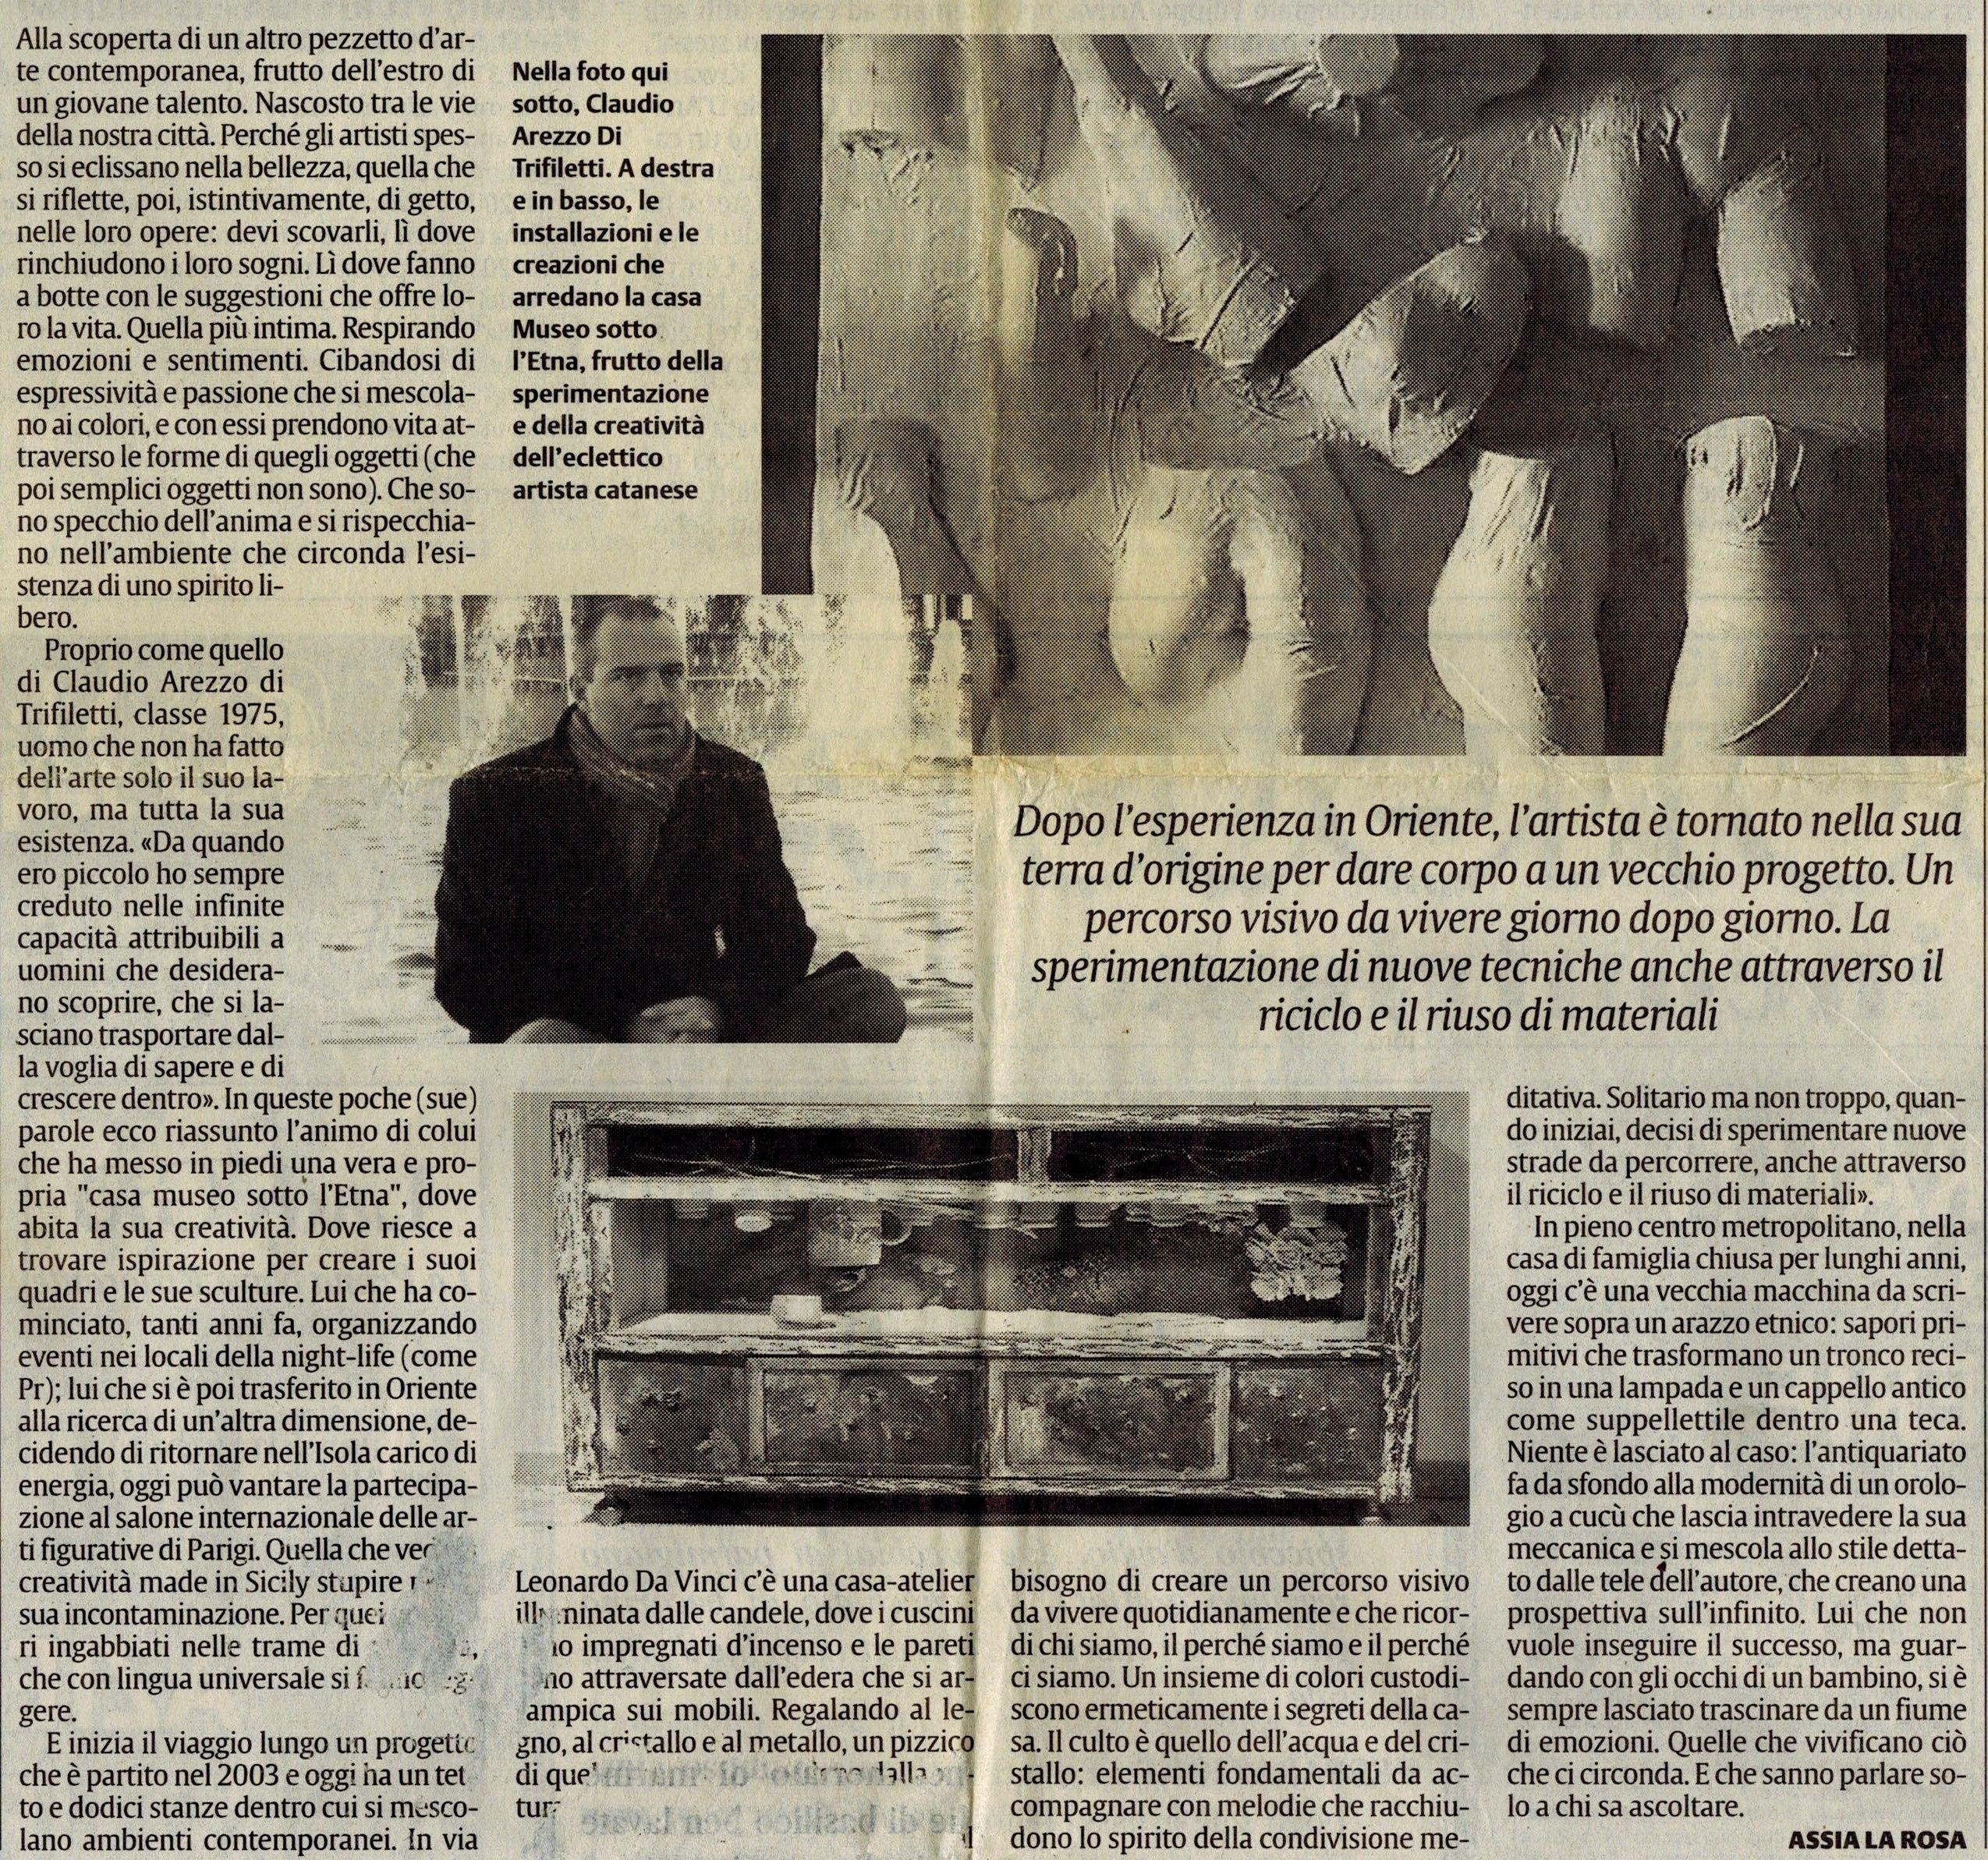 musei metropolitani. ha trovato un tetto il progetto culturale di Claudio Arezzo di Trifiletti